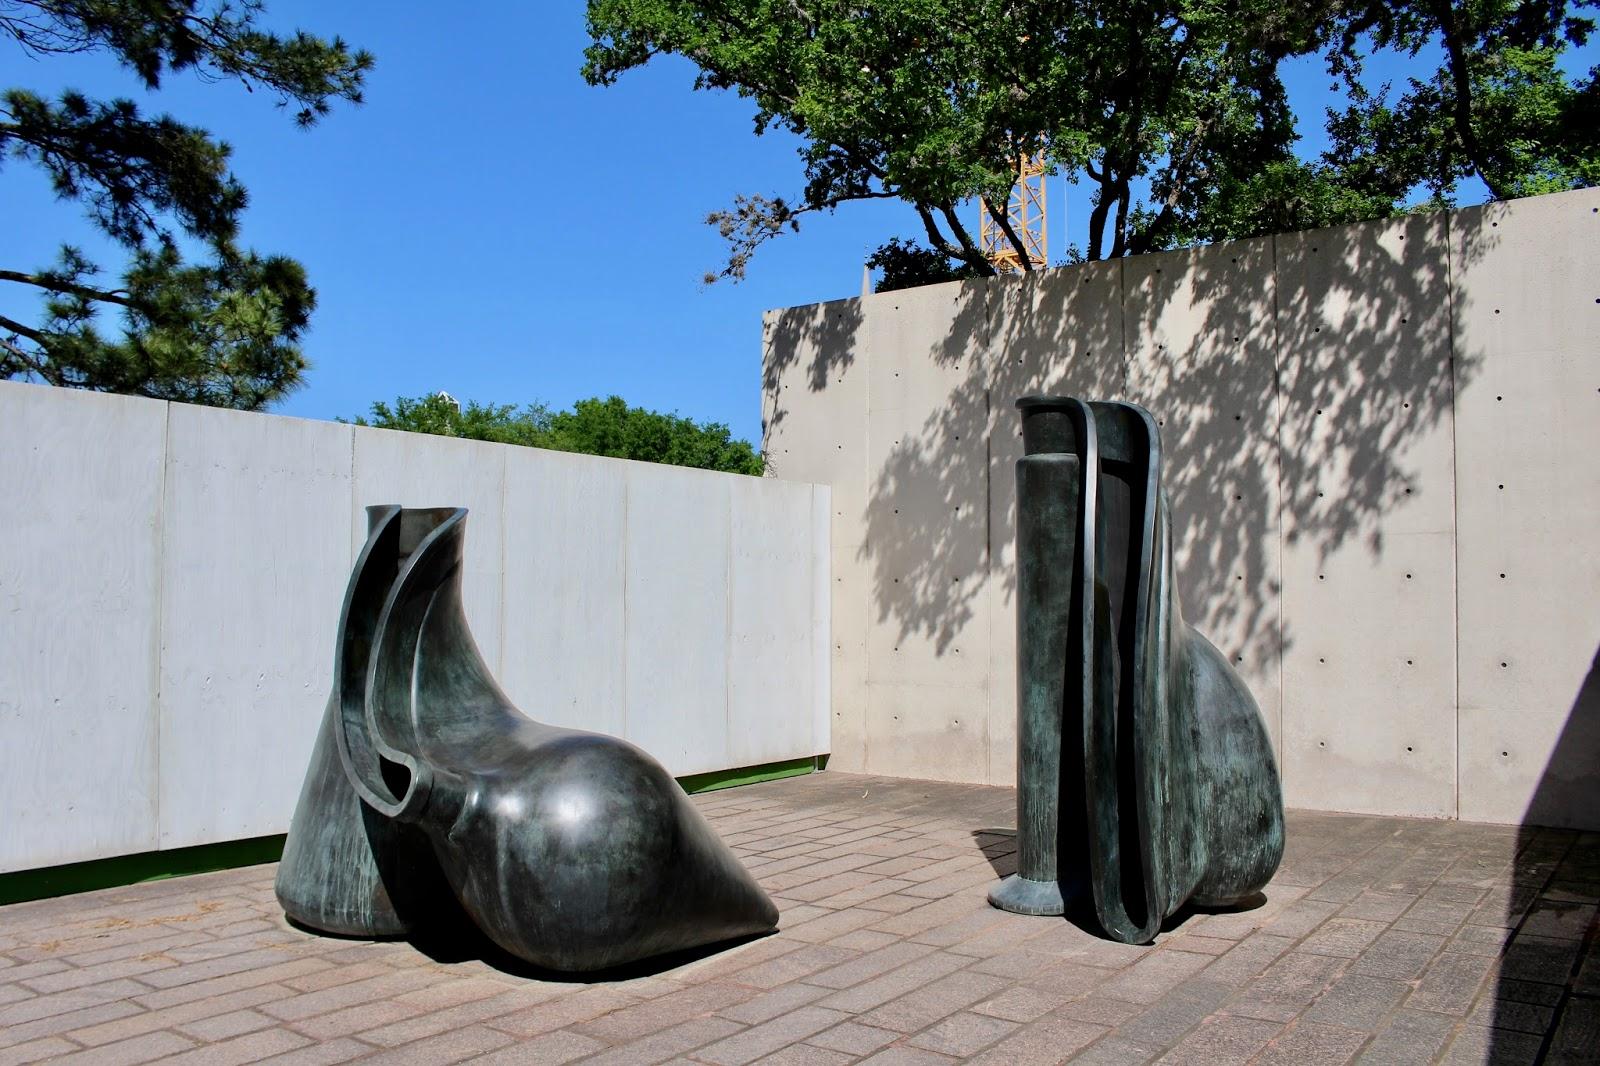 Cullen Sculpture Garden